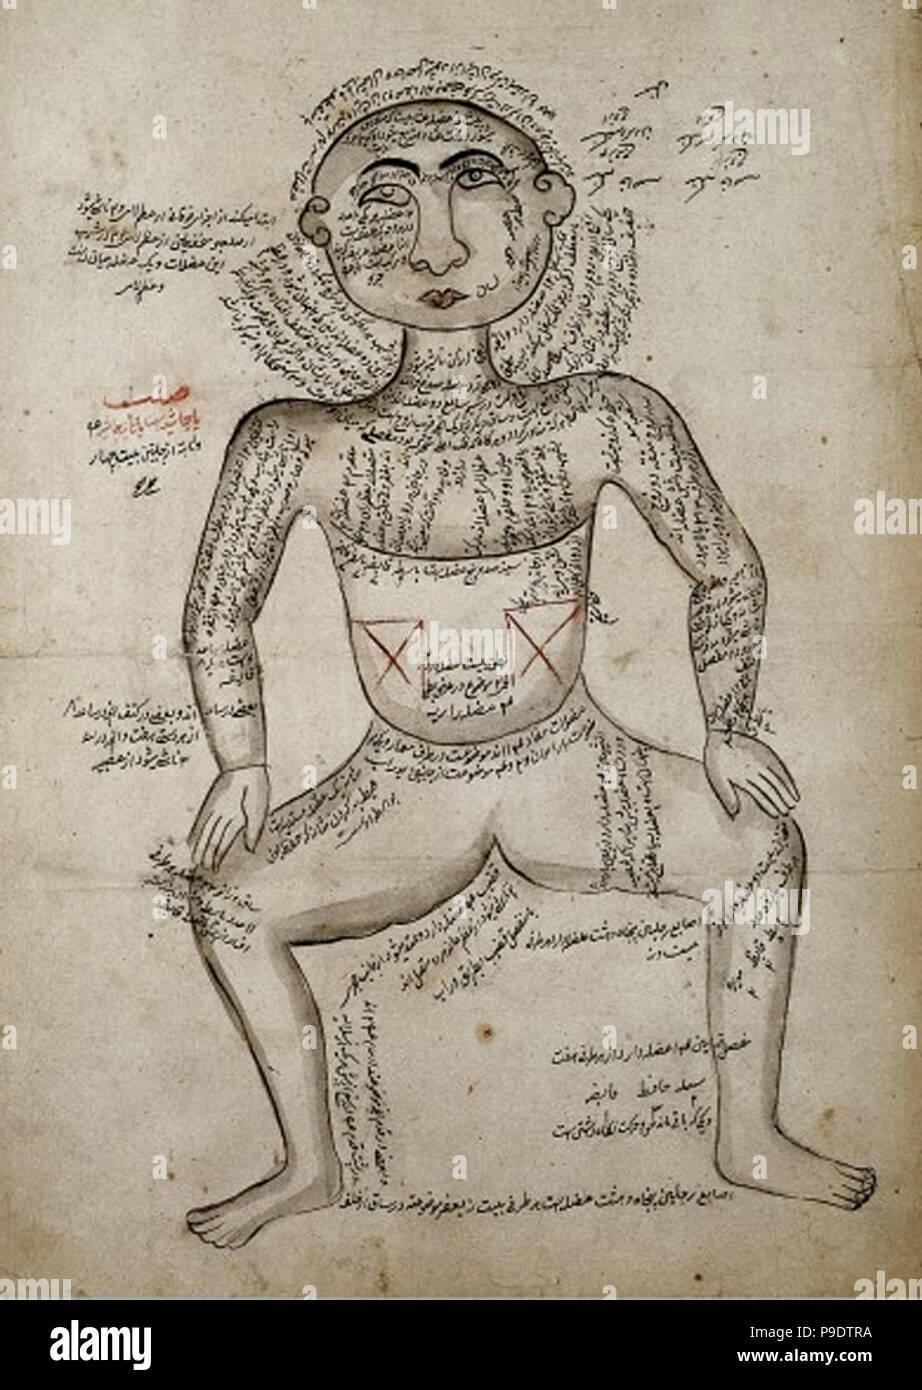 L0006436 músculos del cuerpo humano, acuarela, persa, 19C Crédito ...